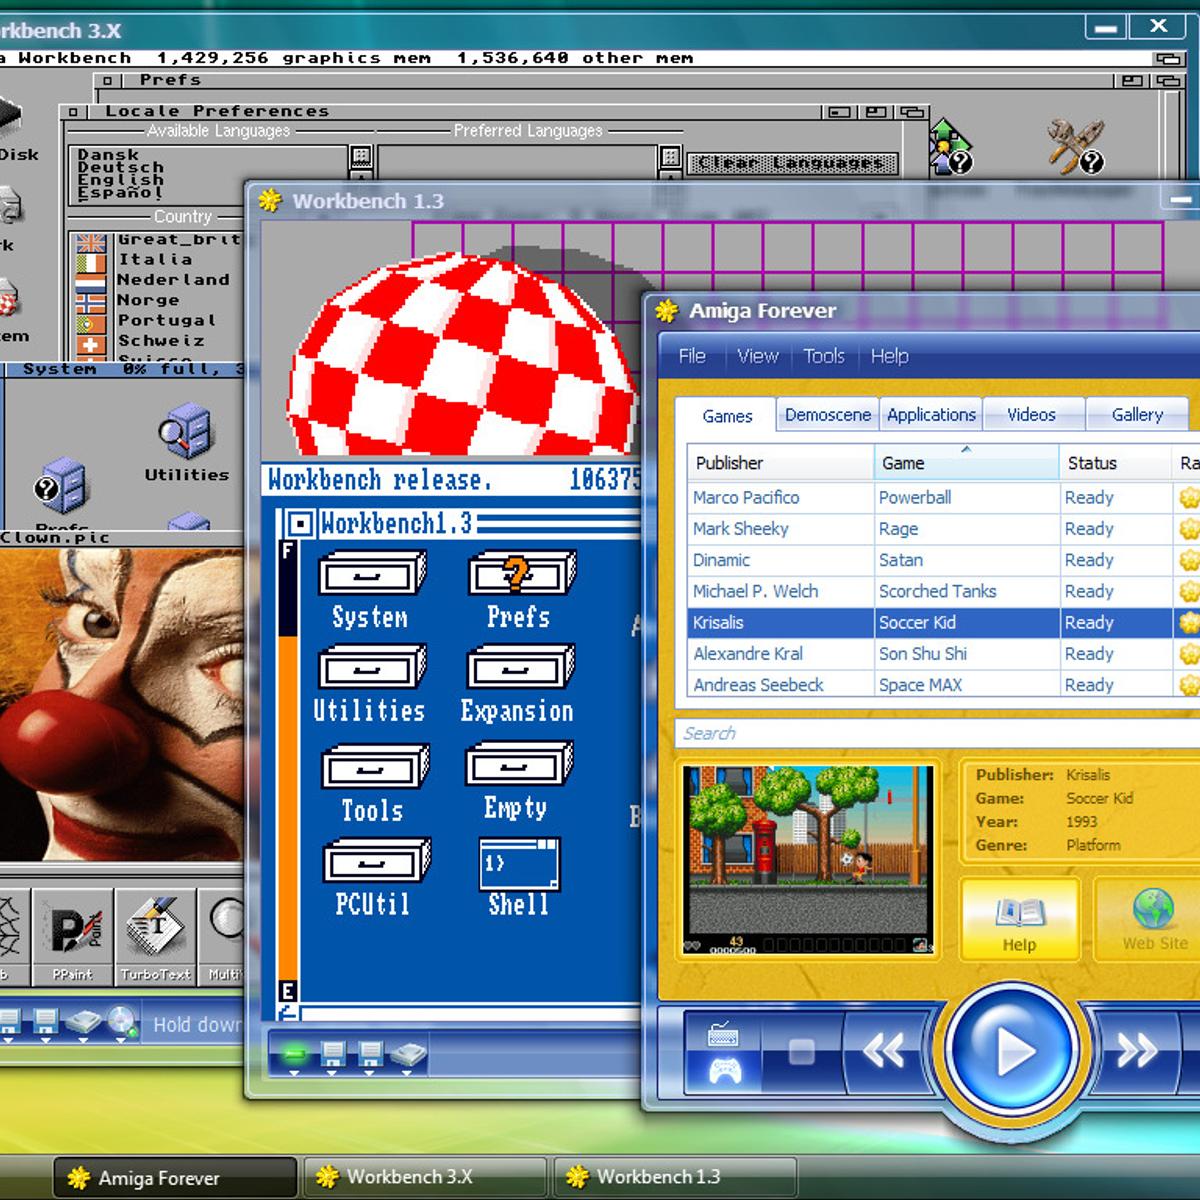 Amiga Forever Alternatives and Similar Games - AlternativeTo net